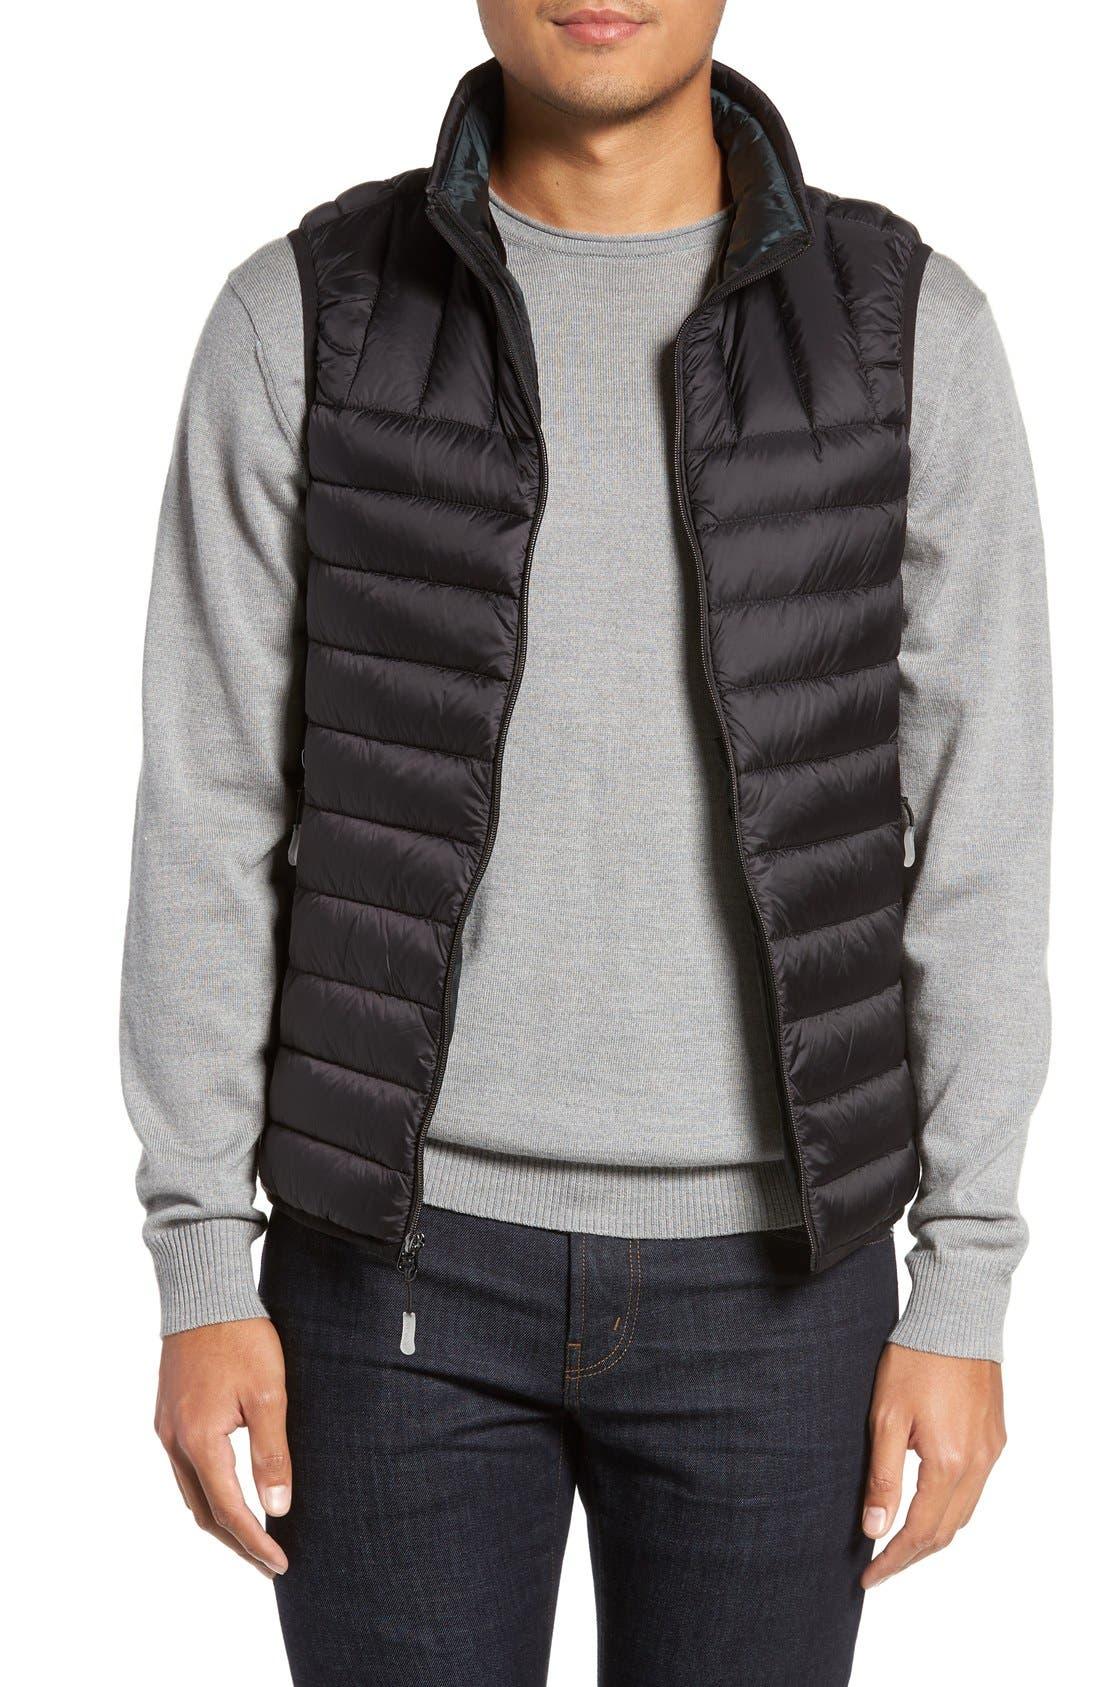 Packable Down Vest,                             Main thumbnail 1, color,                             BLACK